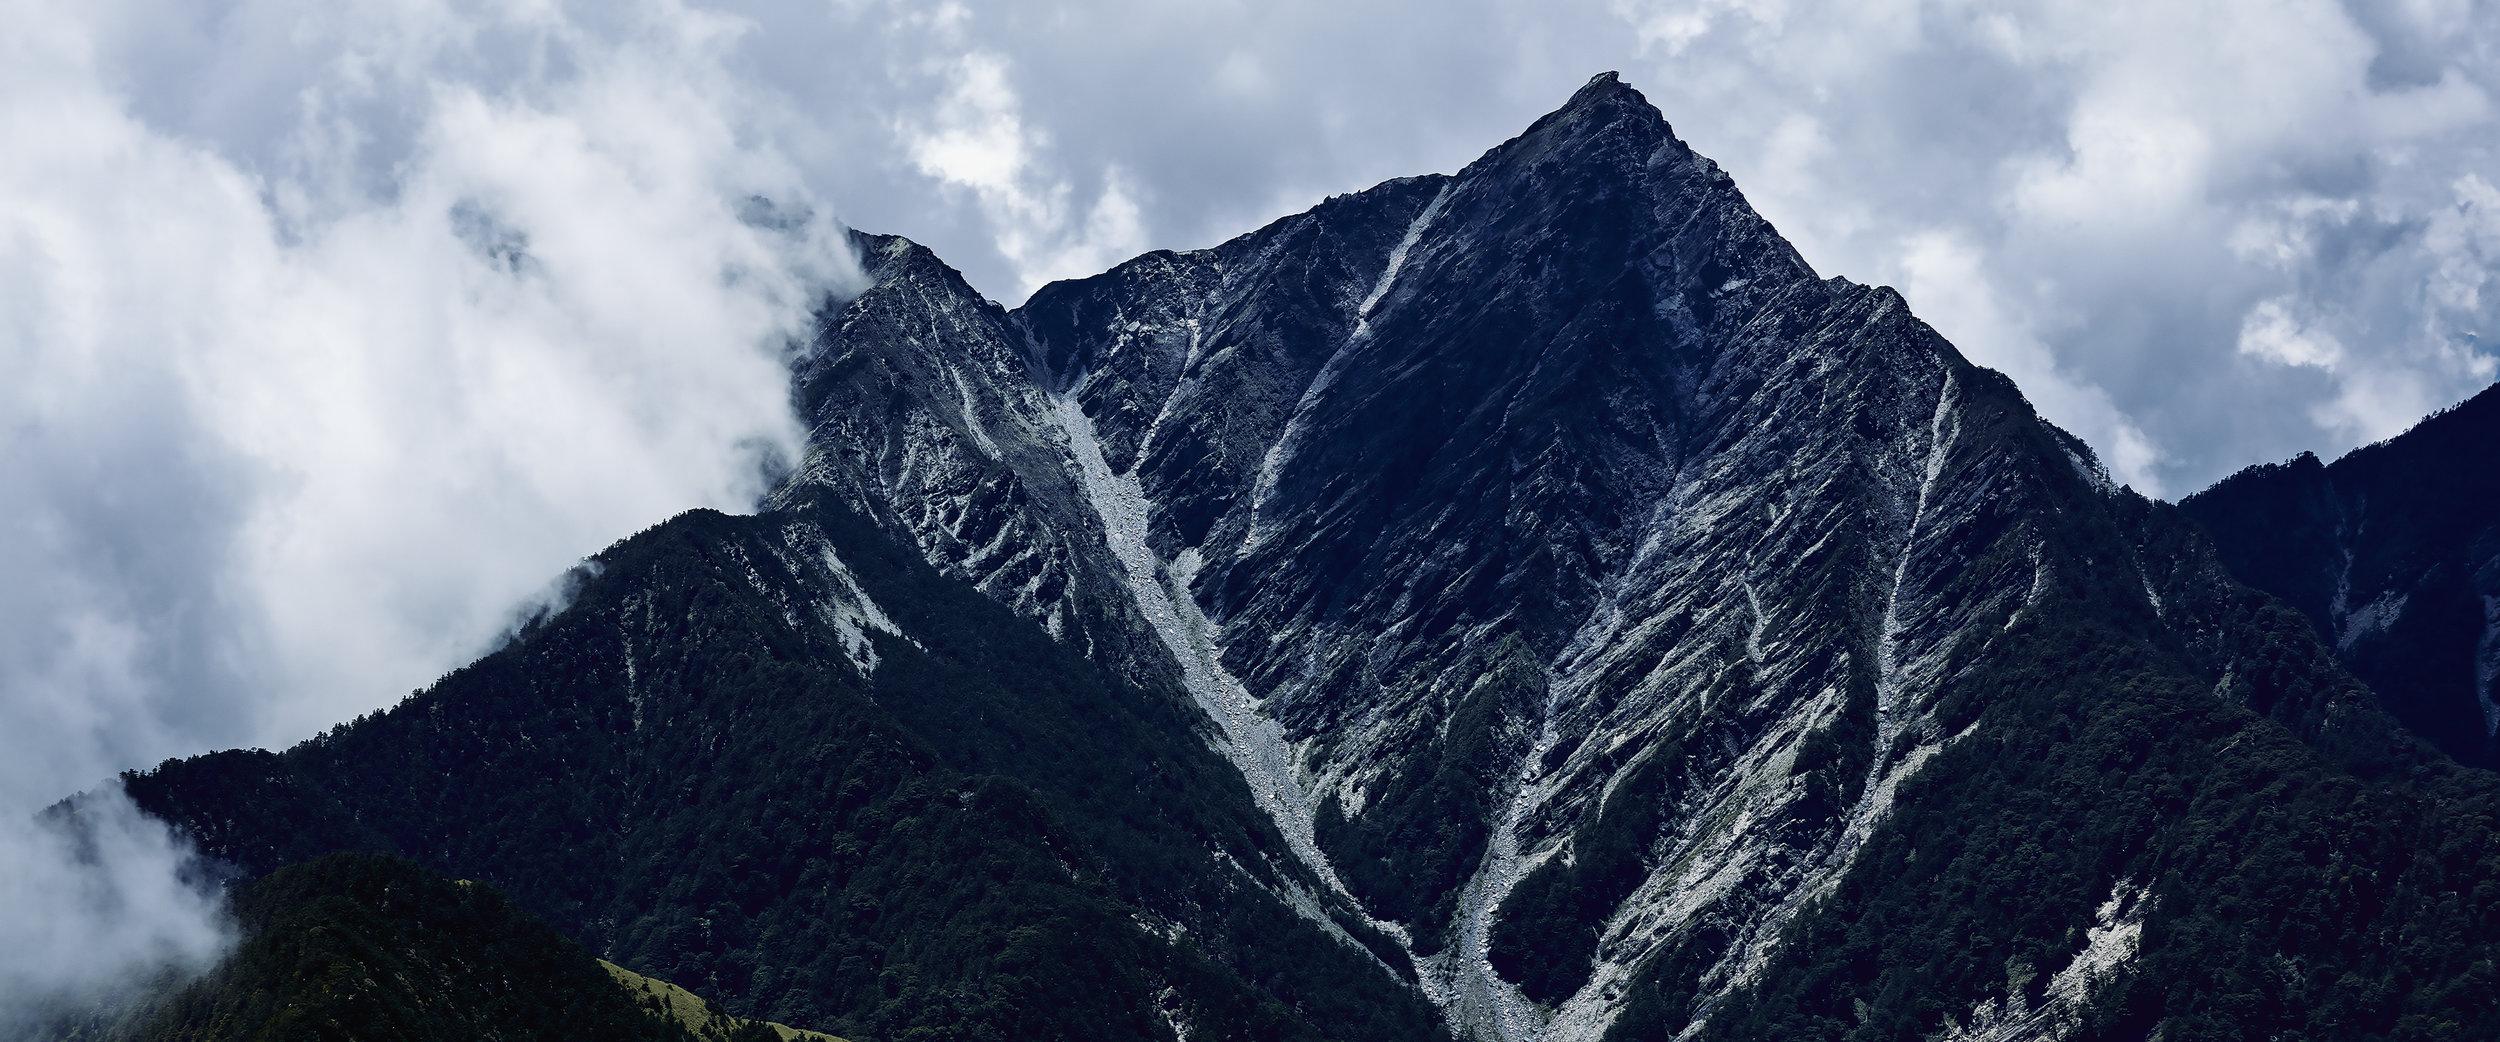 在歷經12天的北一段台灣屋脊上計畫後,下山後的夥伴們最常開玩笑的說得了平地症,想著的就是下次什麼時候再往山上去,在日常中帶著曾經經驗過的身體記憶與感知,許多價值觀與思考方式也產生了微妙的變化,像是許多登山者奉為圭臬的名言,二十世紀的傳奇英國登山家, 喬治.馬洛禮(George Mallory)所說的「因為山就在那裡」,大自然給了日常啟示,心變得更寬廣、變得謙遜,精神性的啟示標註在攀登者的身體,滲透於不再安逸的靈魂,下山之後,手機持續扮演著記錄各自生活的最佳夥伴,隨時劃開螢幕,準備超越下一次的自我顛峰。